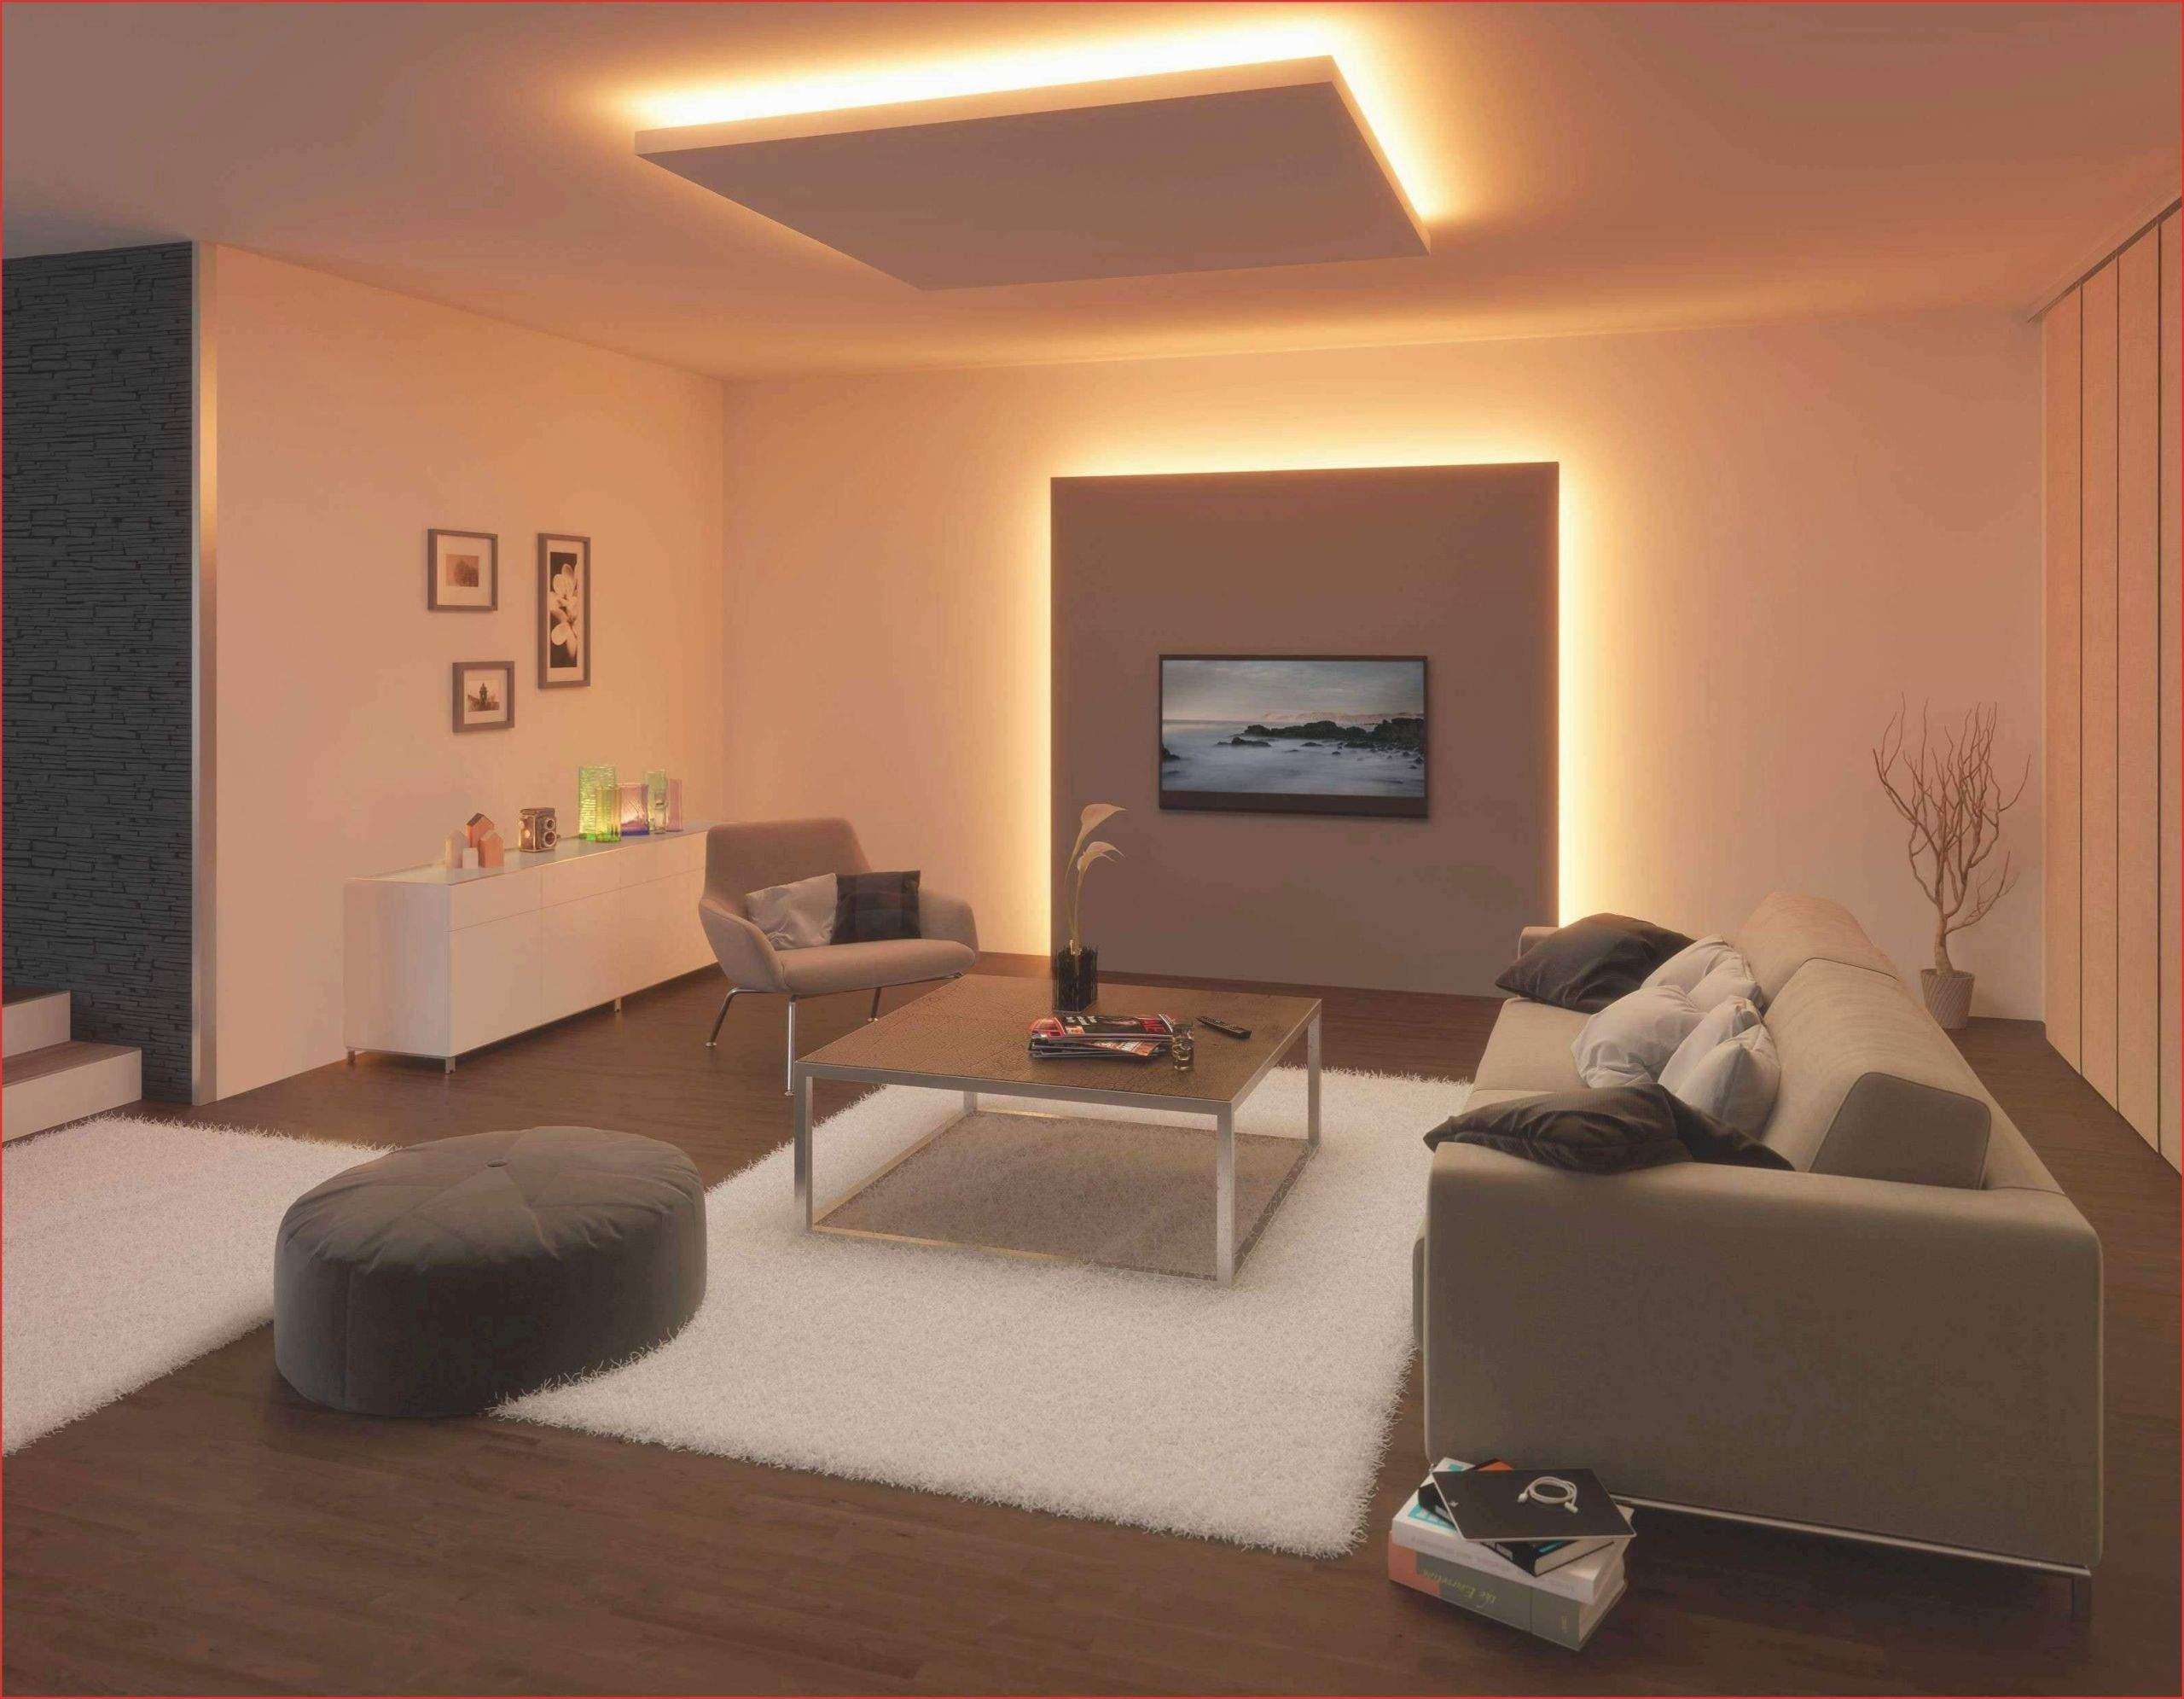 lampen wohnzimmer gunstig neu badezimmerspiegel led lampe of lampen wohnzimmer gunstig scaled